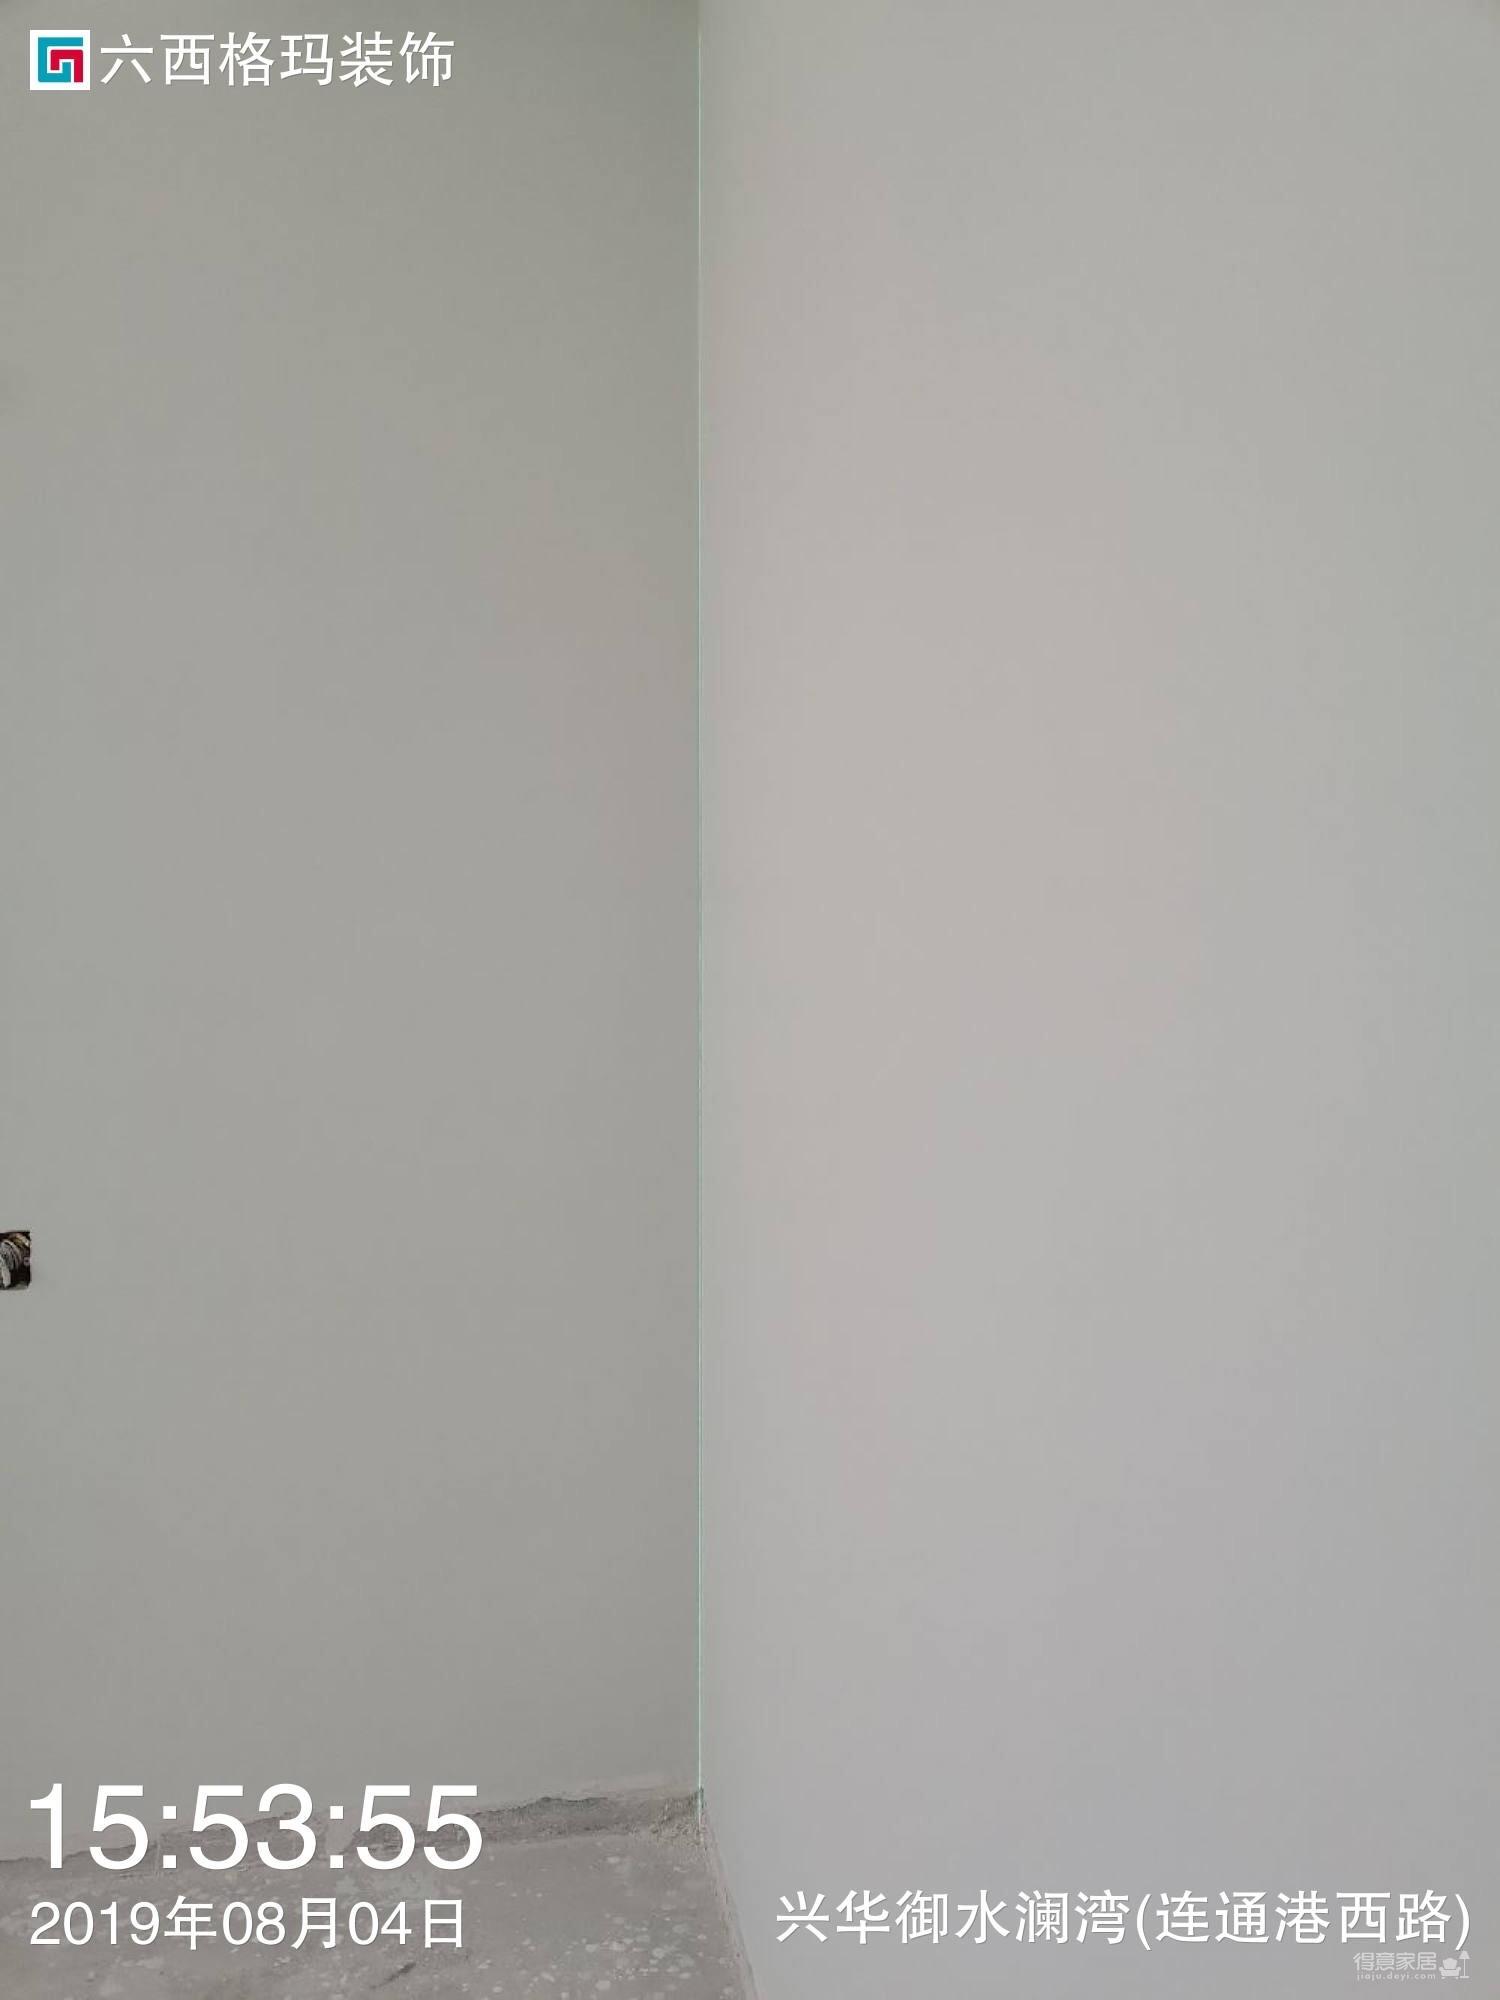 御水澜湾 乳胶漆阶段图_4